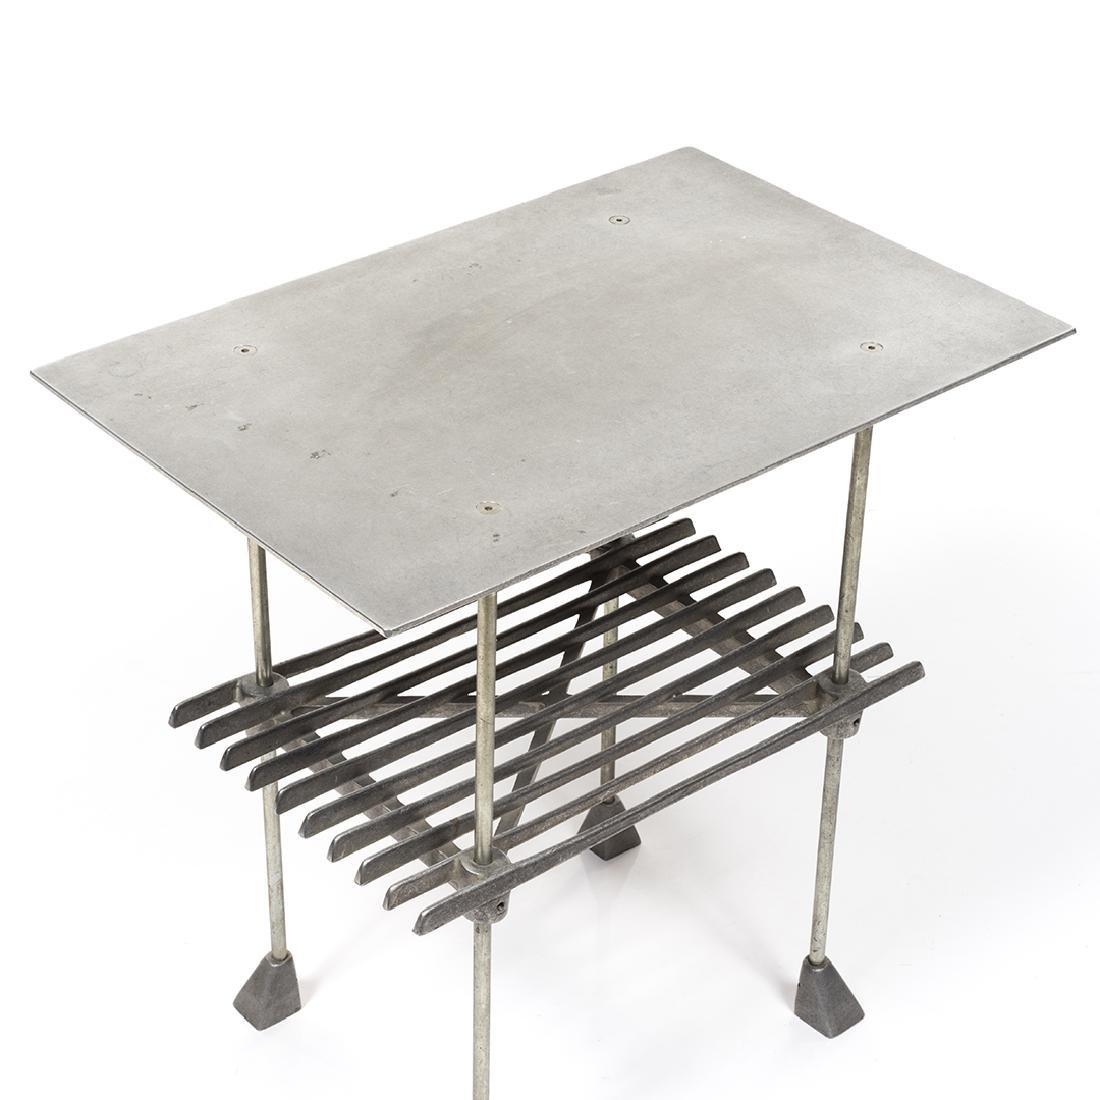 Robert Jostens Side Table - 5